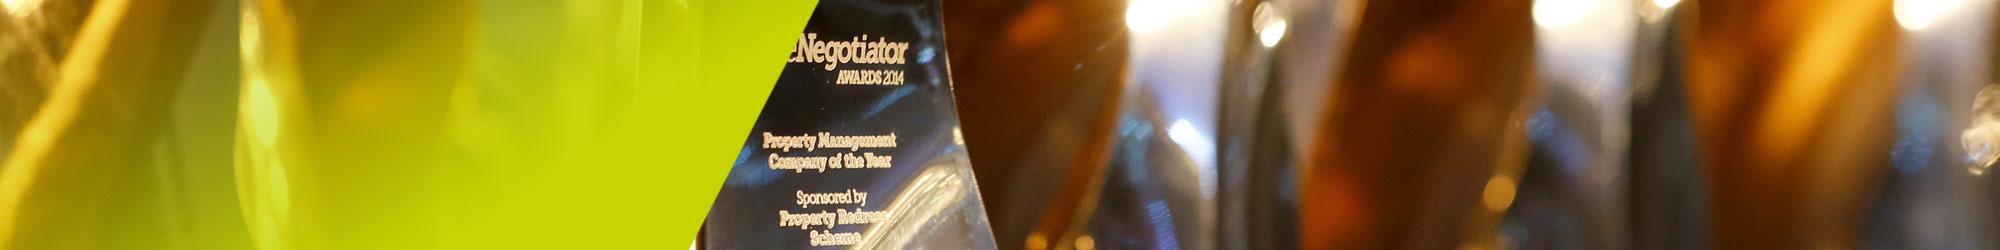 Awards Header